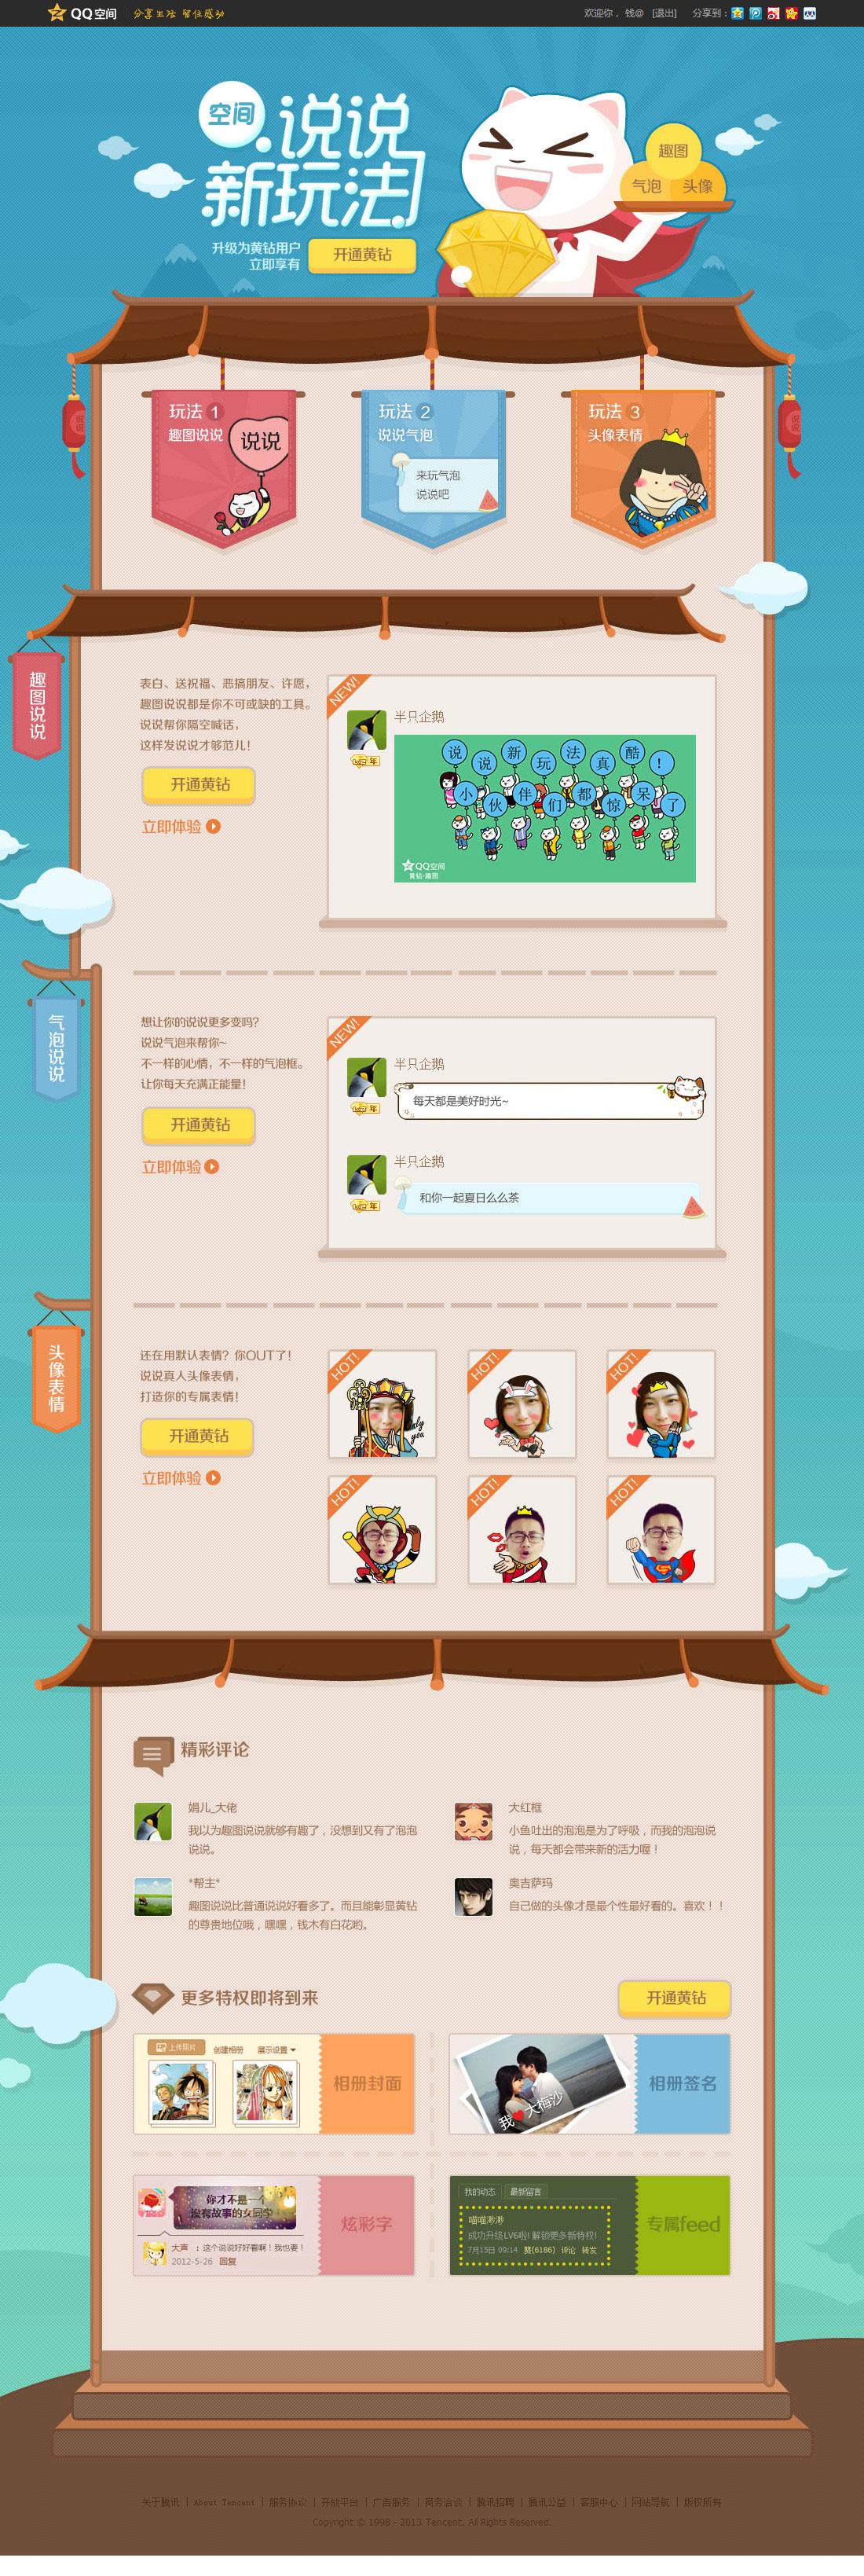 QQ空間說說新玩法專題頁面設計